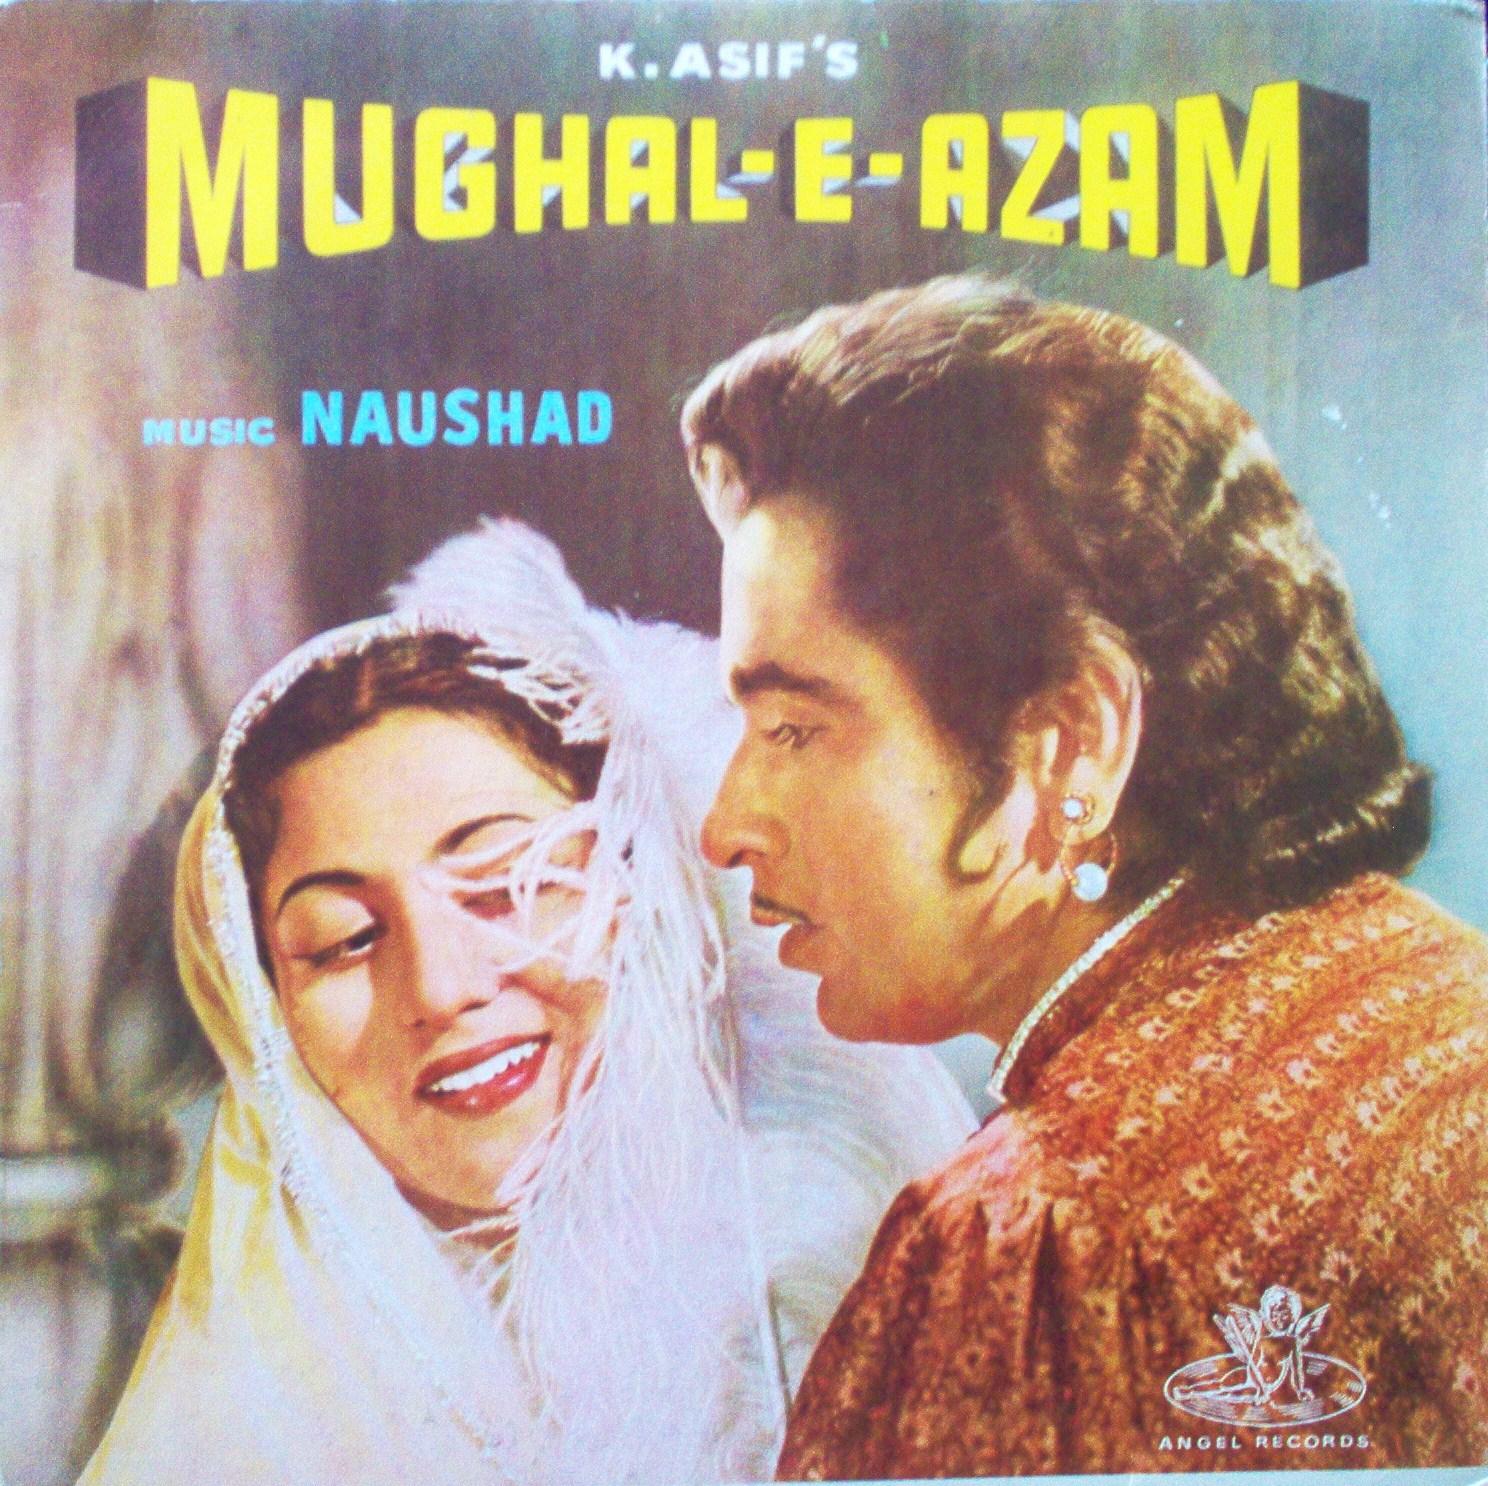 Mughal-e-Azam - Wikipedia